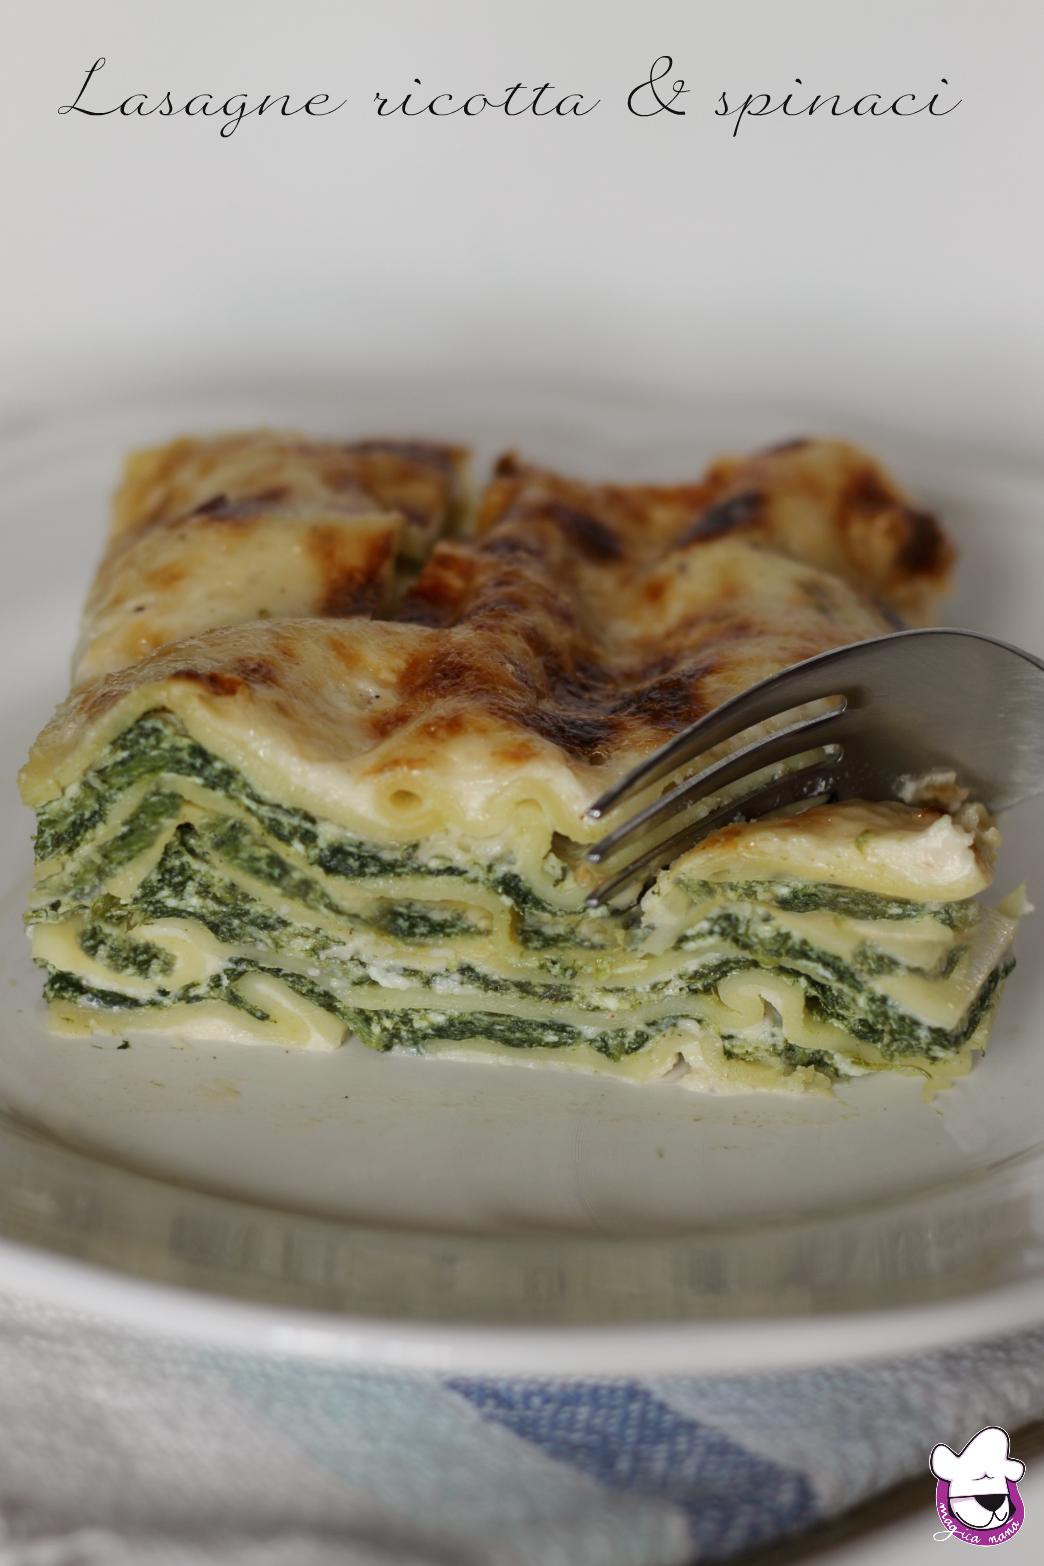 Ricetta Lasagne E Spinaci.Lasagne Ricotta E Spinaci